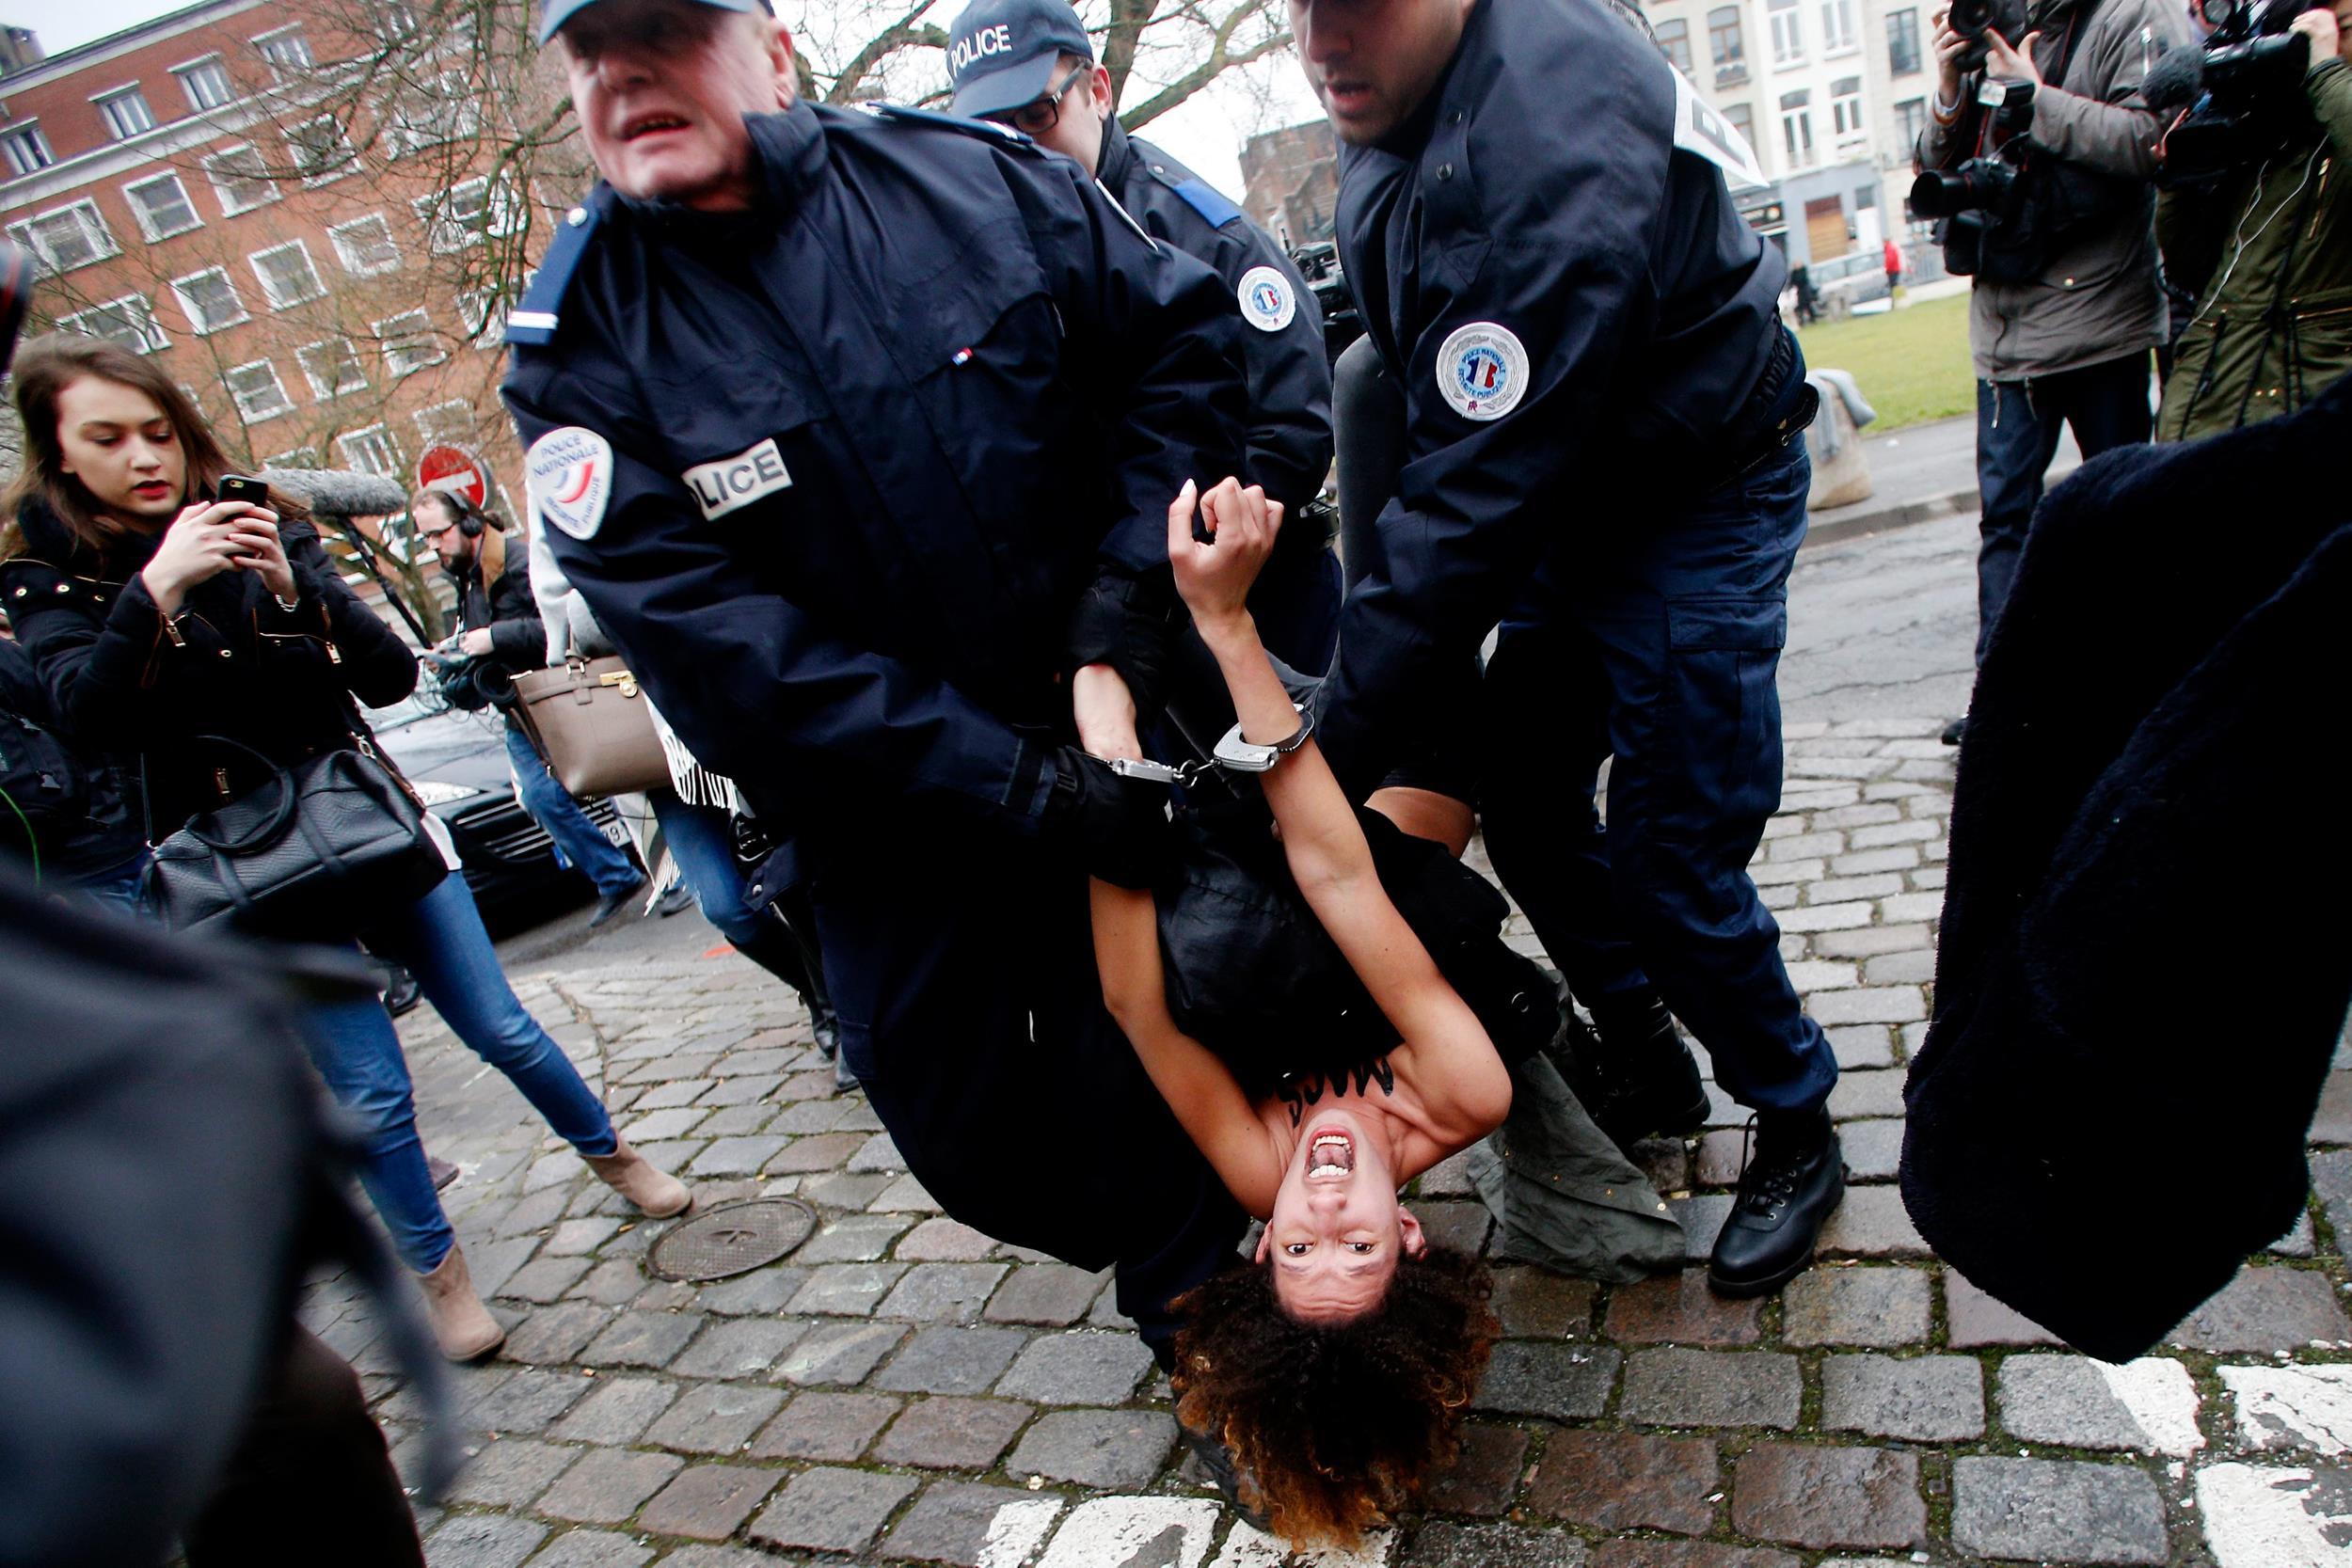 Image:  FEMEN protester is arrested in Lille, France